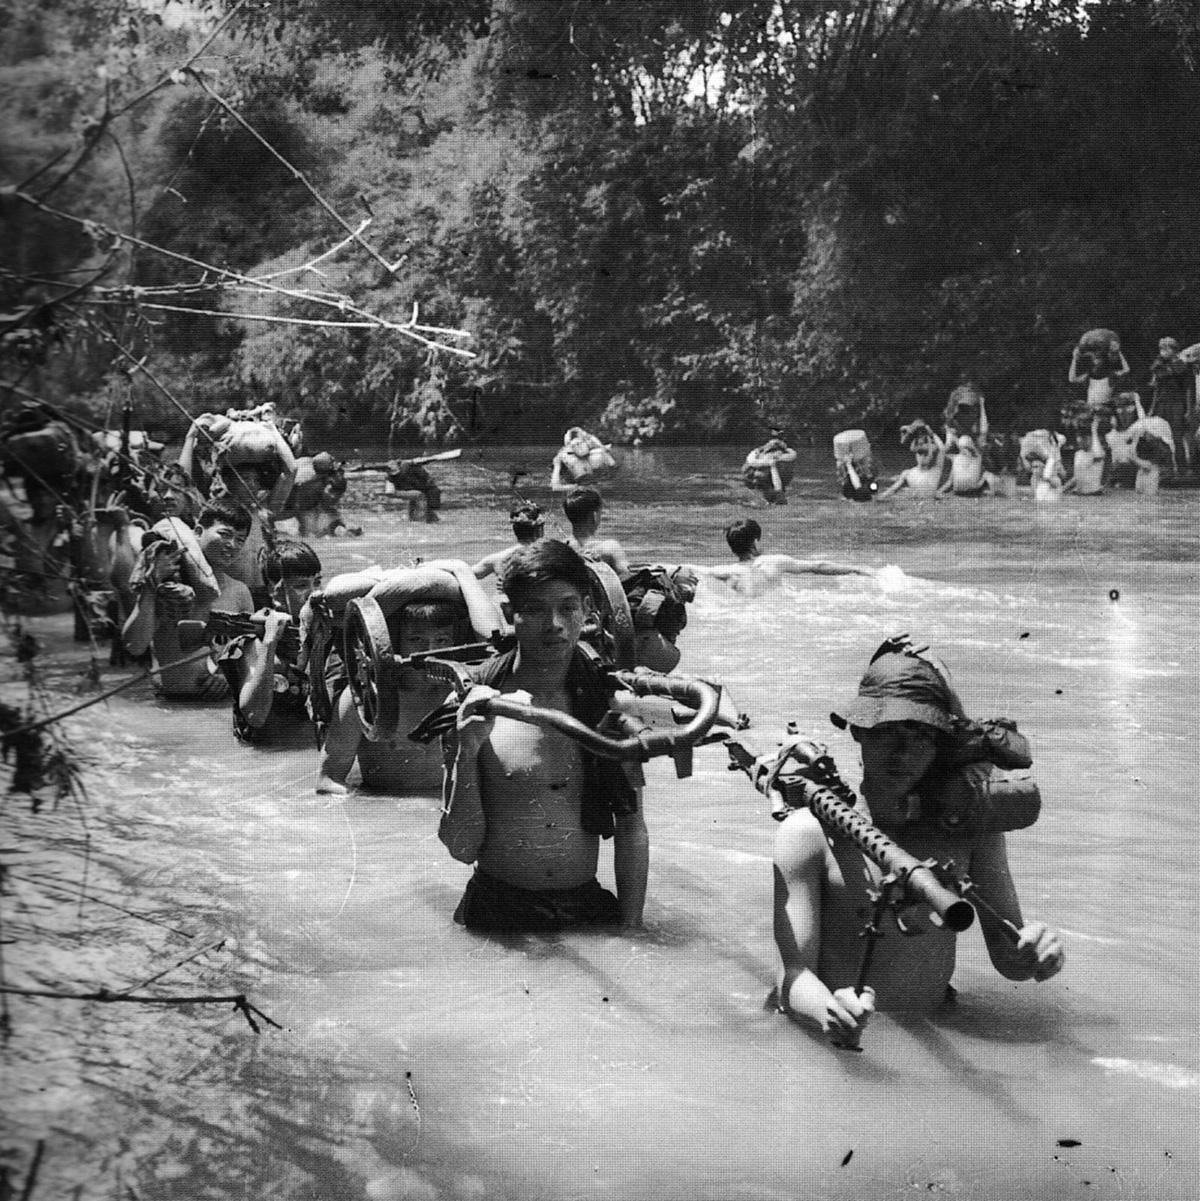 196606_nva_units_at_cambodian_border.jpg